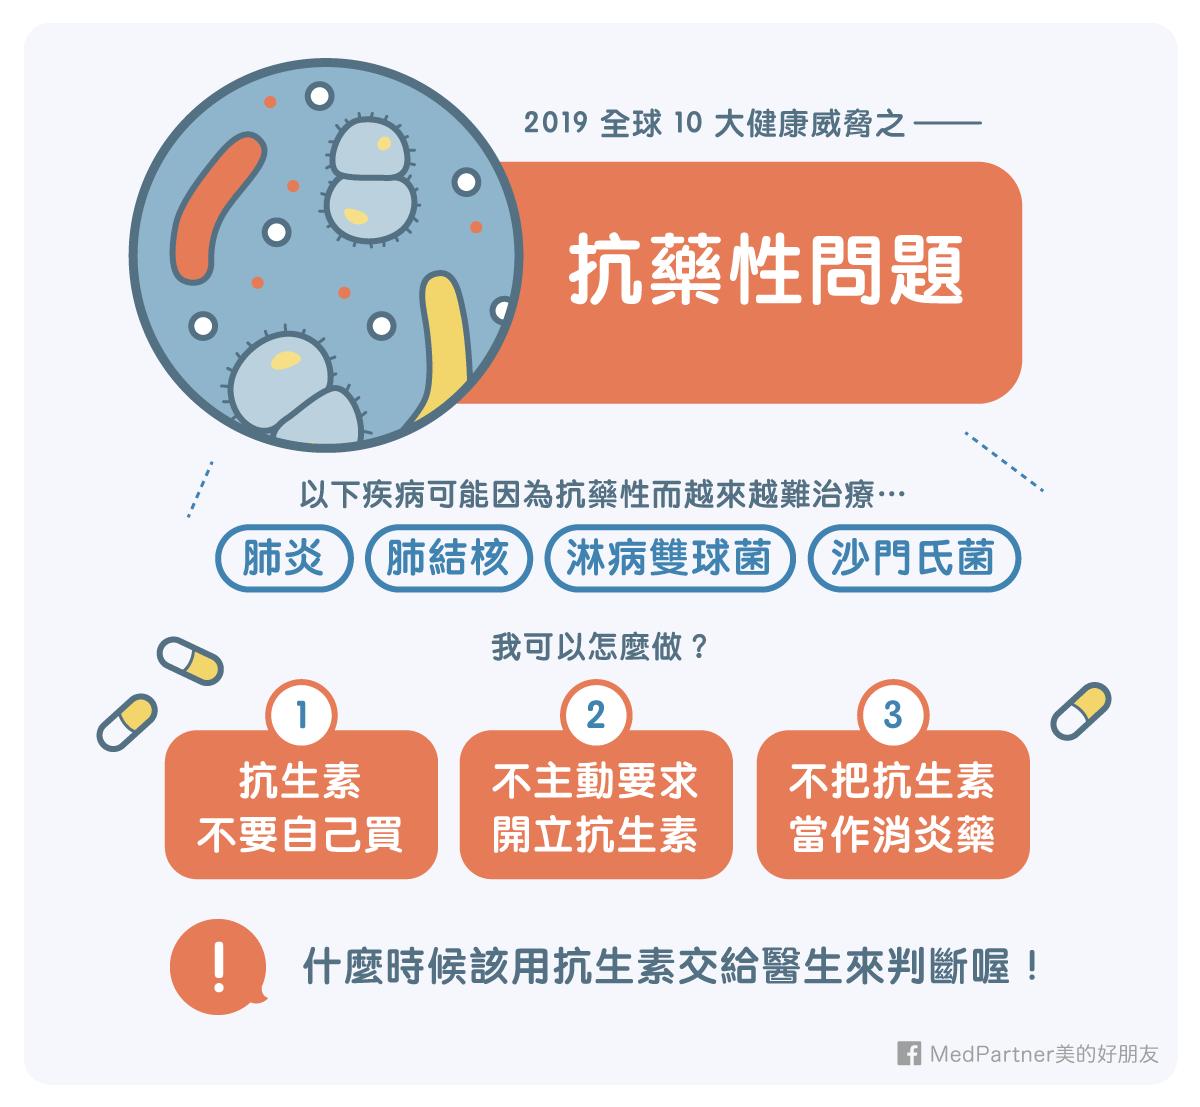 10大健康威脅_上_抗藥性問題